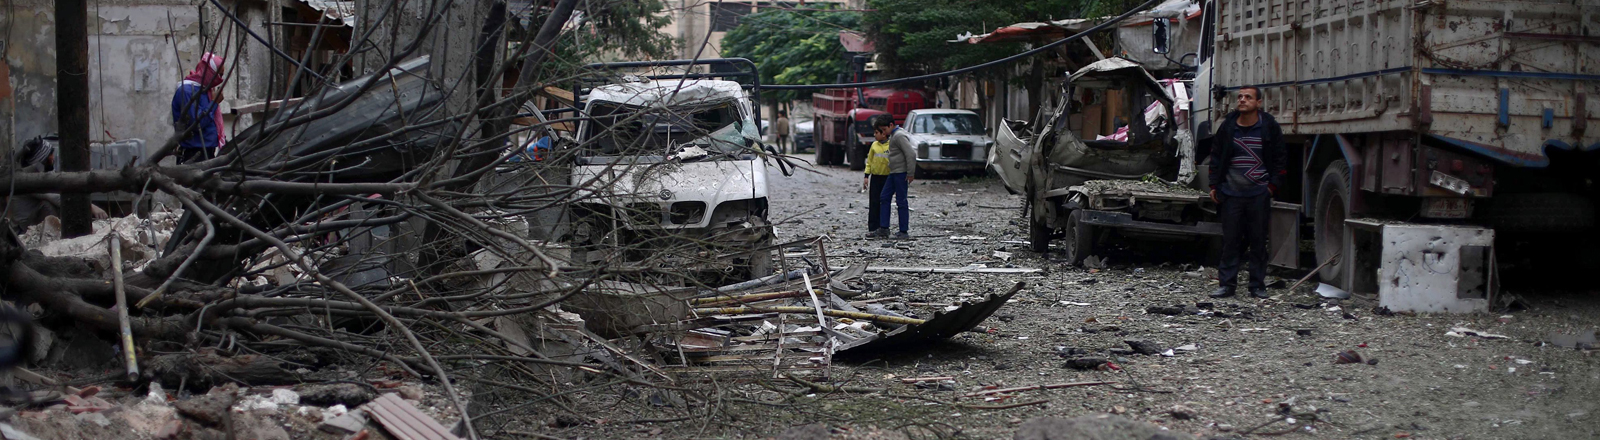 Die Stadt Douma bei Damaskus, nach einem Luftangriff durch Anhänger des Assad-Regimes am 4.11.2015.